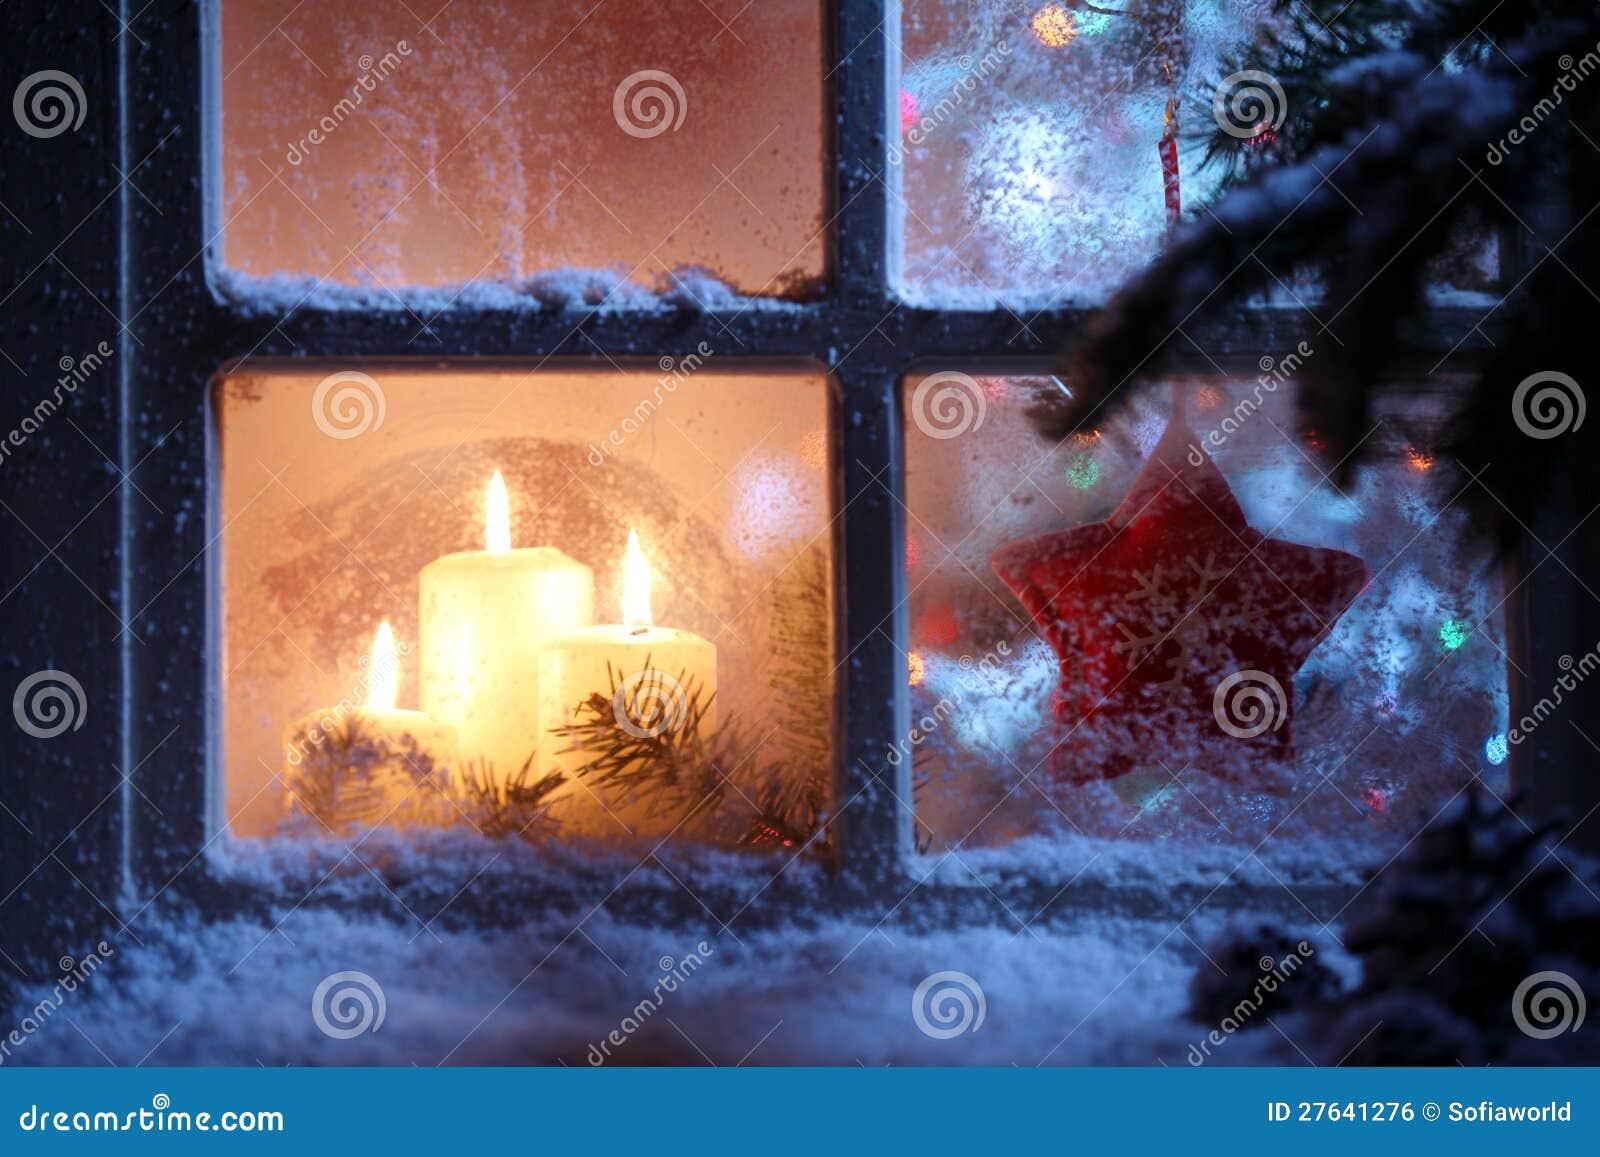 fenster mit weihnachtsdekoration lizenzfreies stockbild. Black Bedroom Furniture Sets. Home Design Ideas